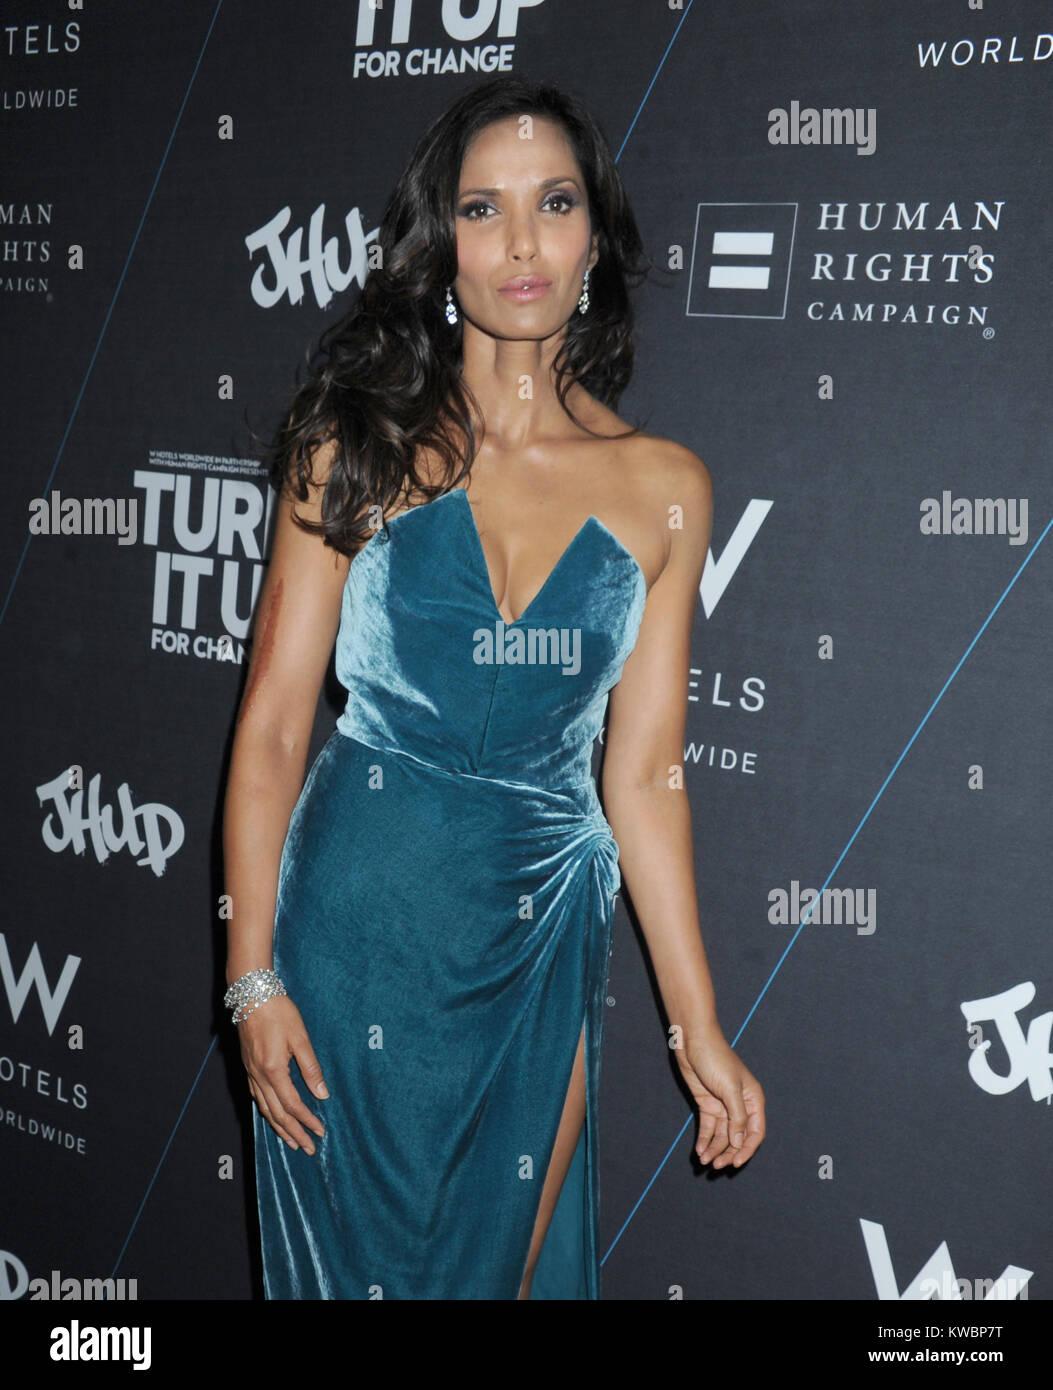 NEW YORK, NY - 21 OCTOBRE: Padma Lakshmi assiste à la W's 'Turn It Up pour le Changement' Photo Stock